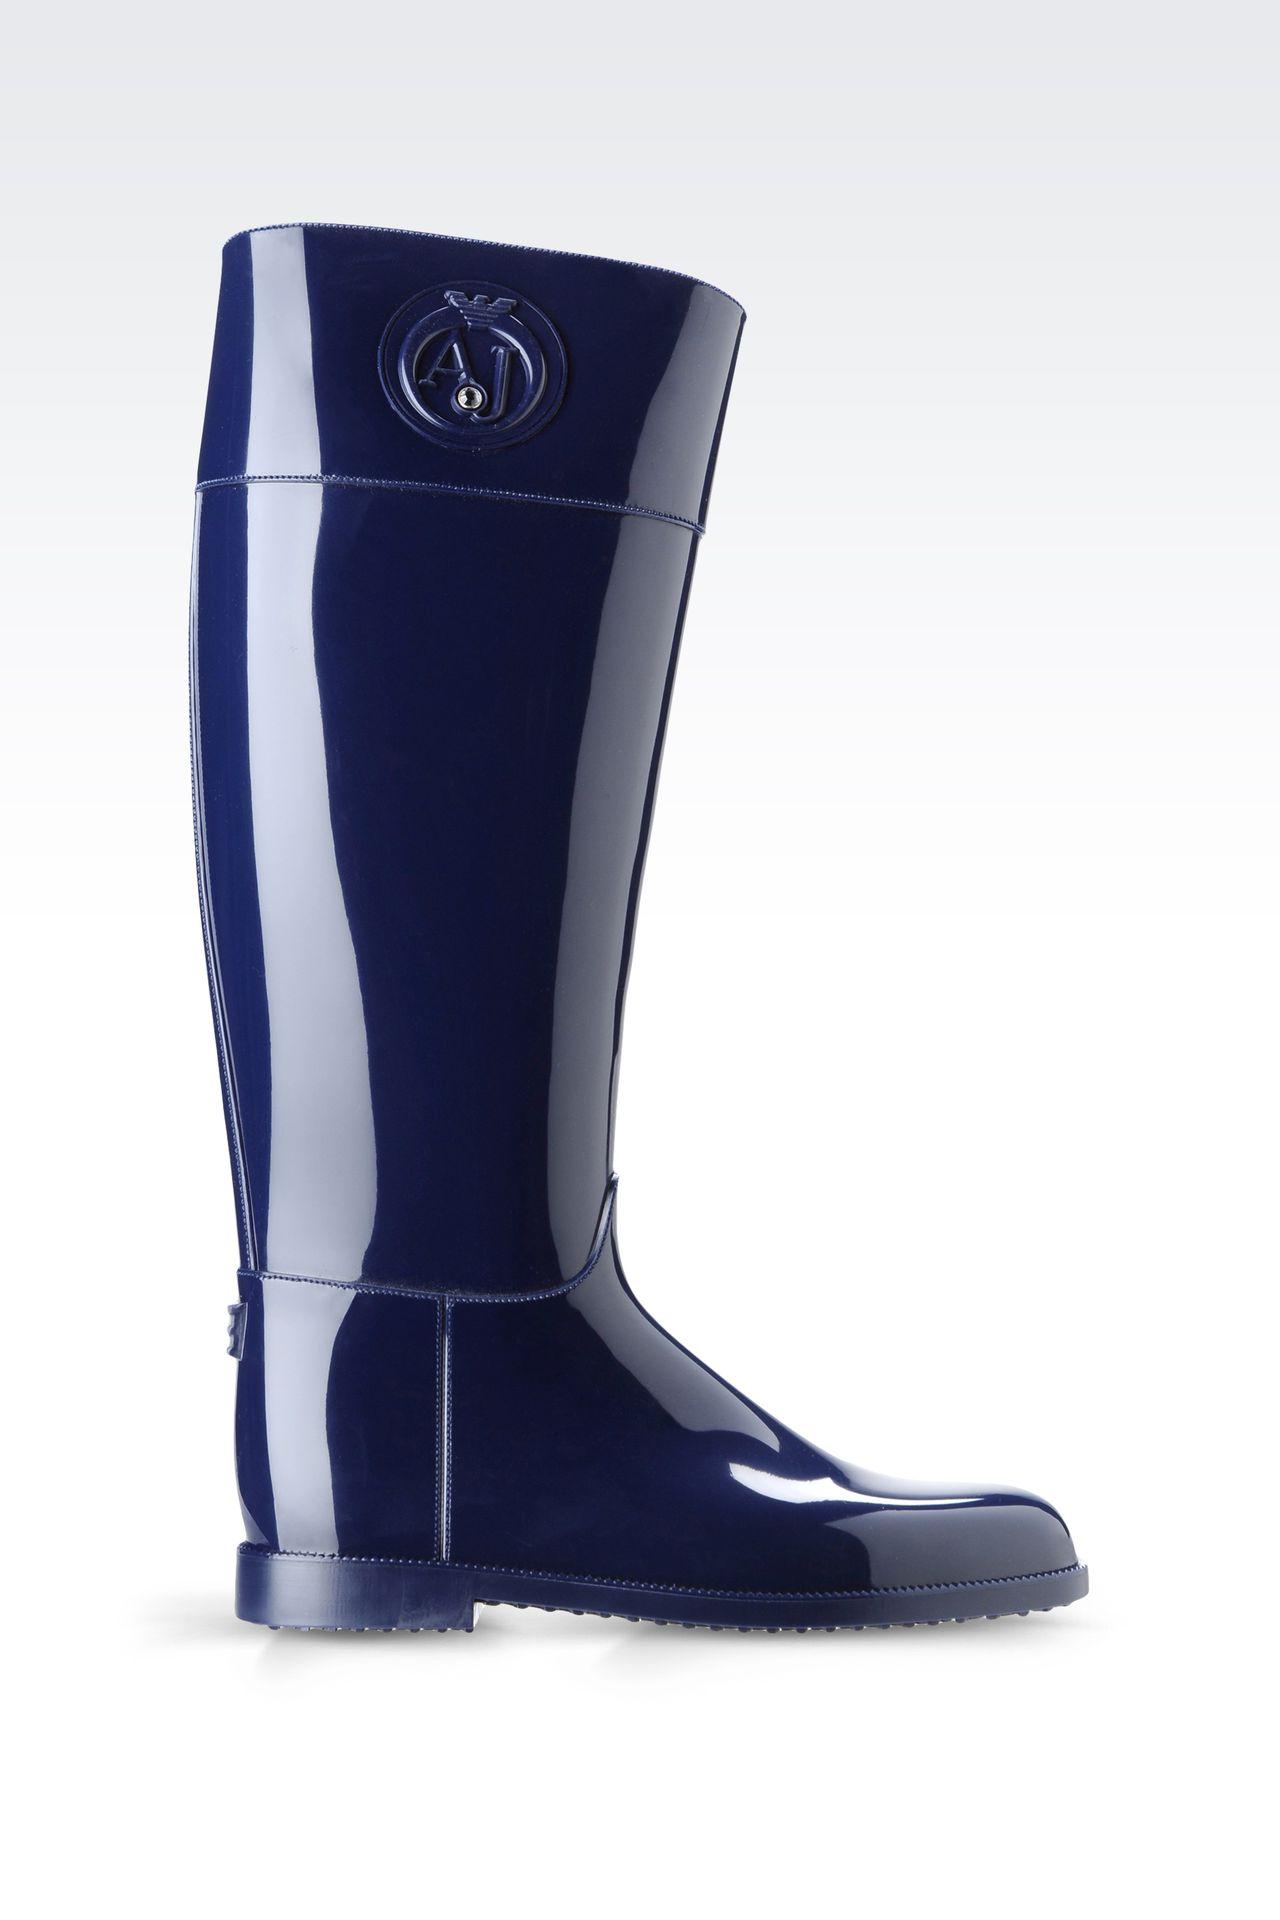 d4ae2bfa2b9b Vente bottes de pluie armani jeans femme Gatorade Daim Vert Pas ...